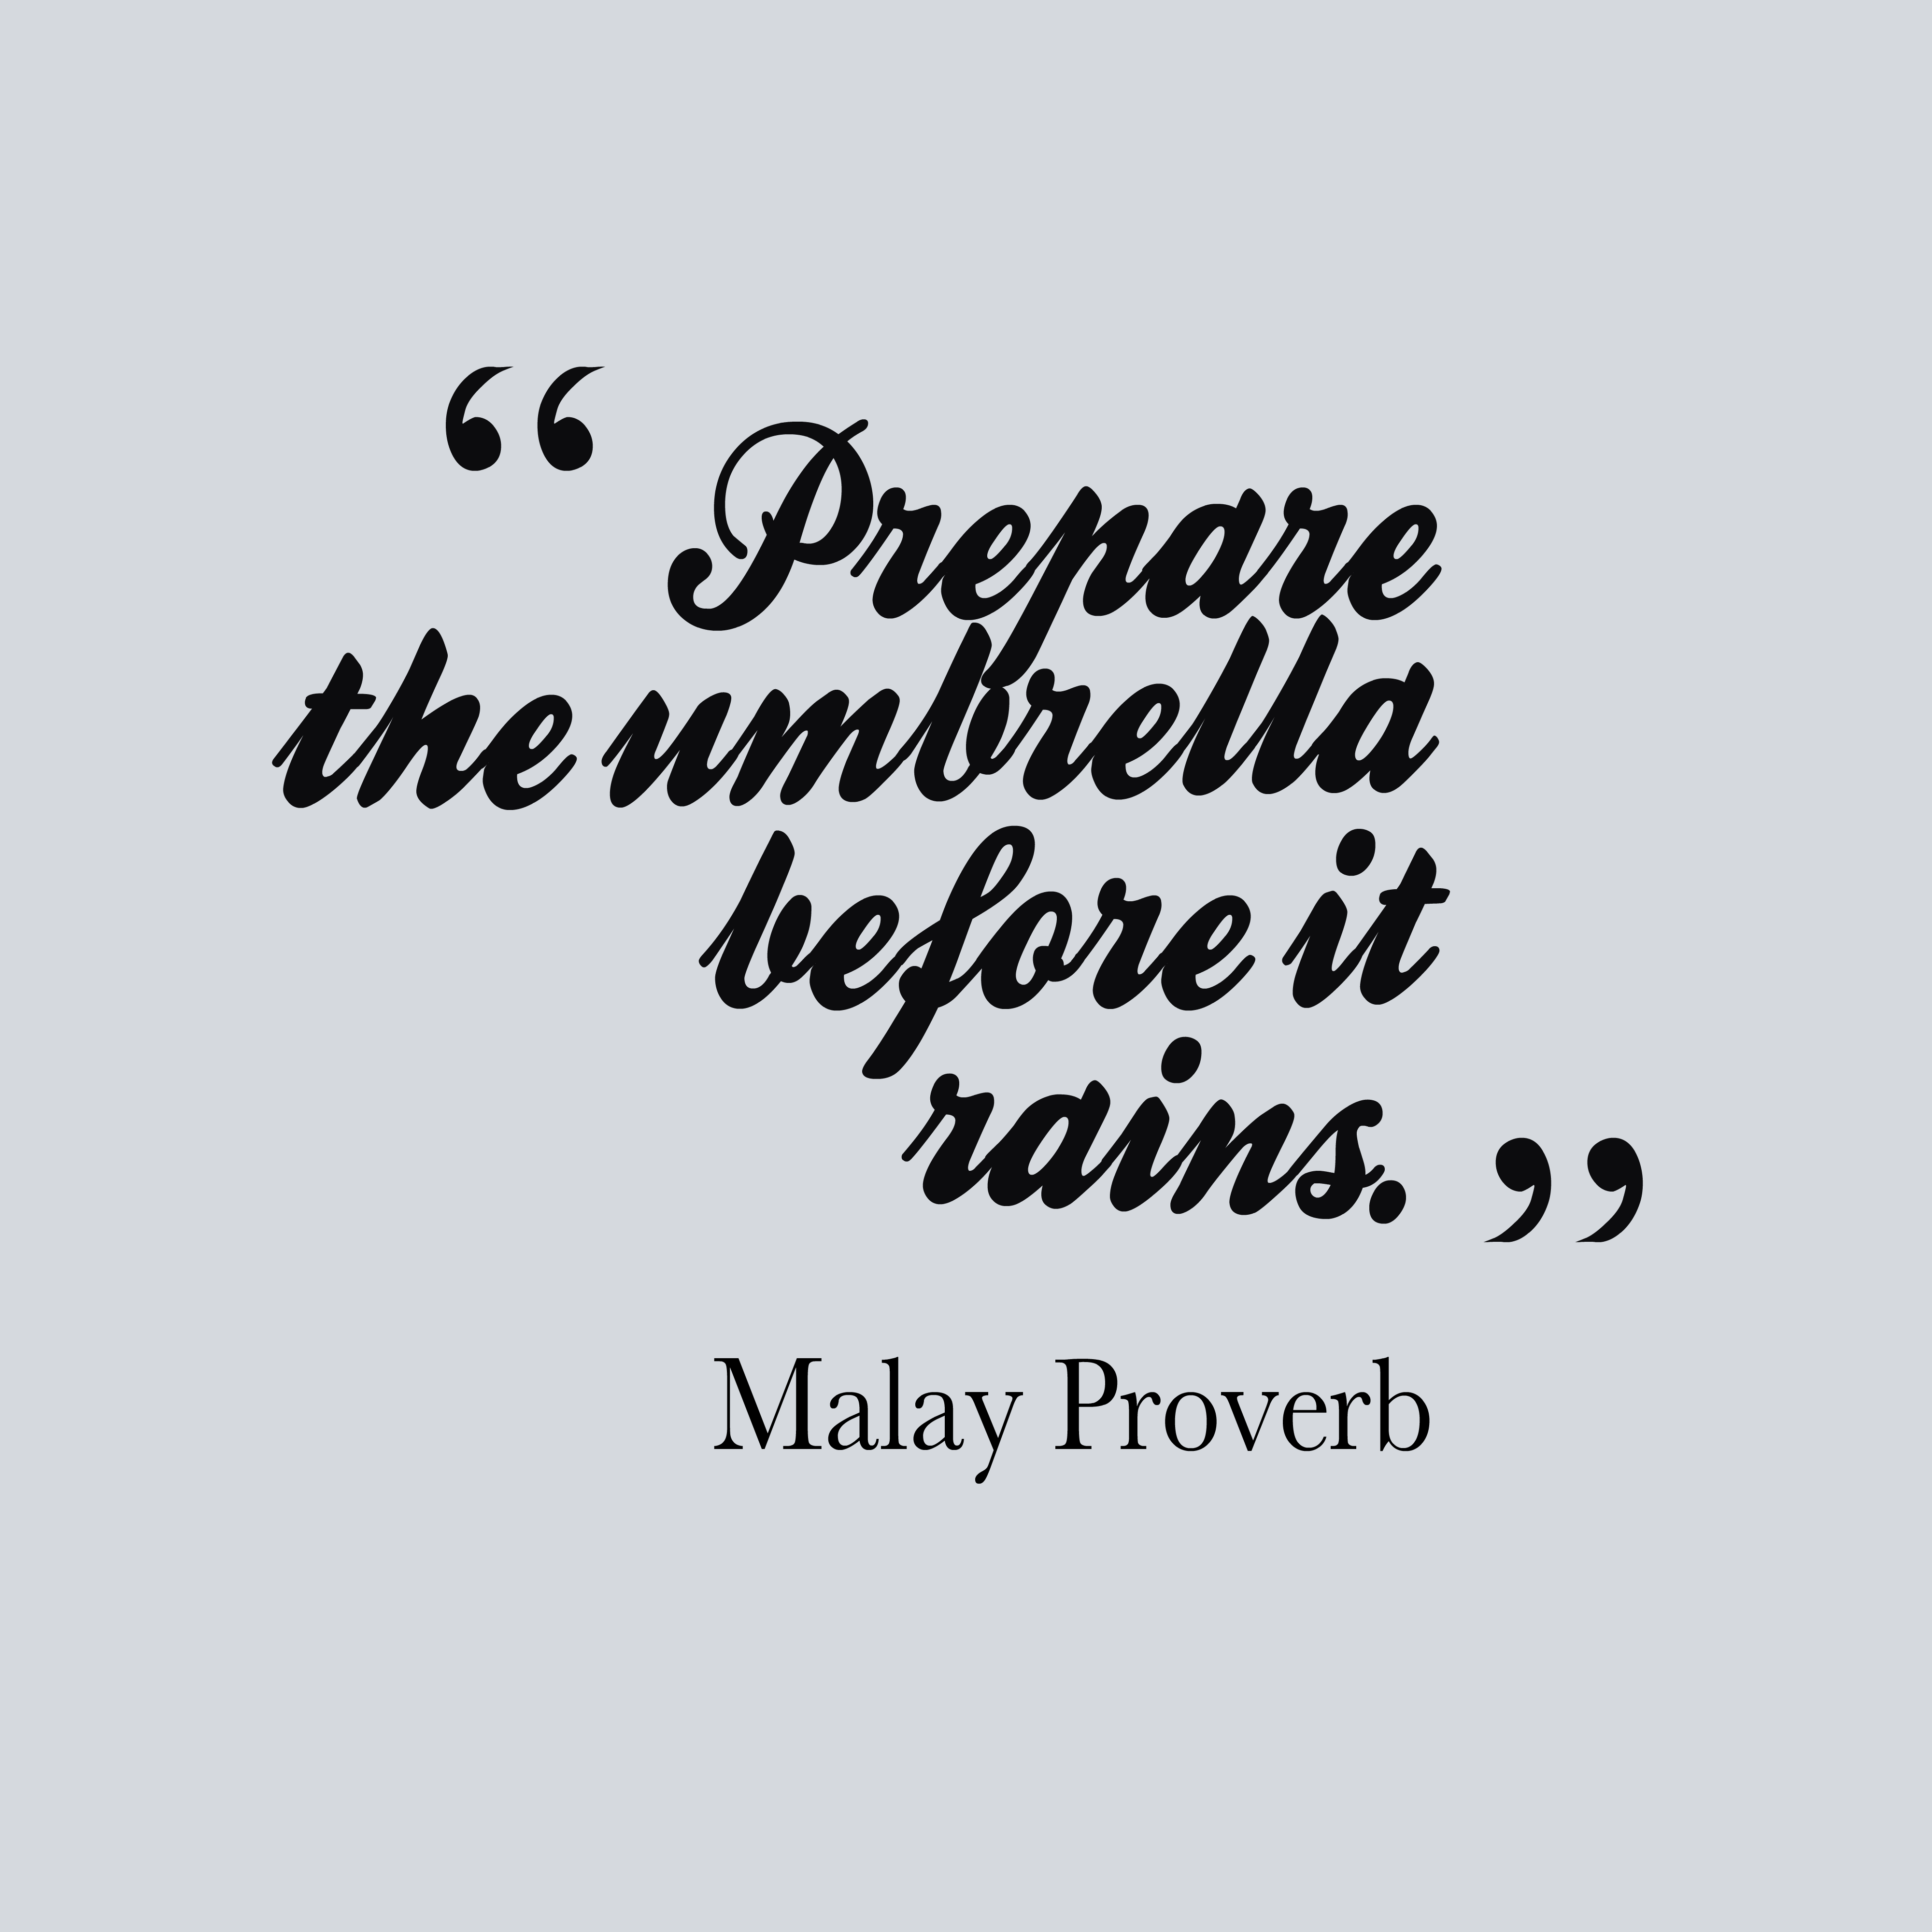 Quotes image of Prepare the umbrella before it rains.